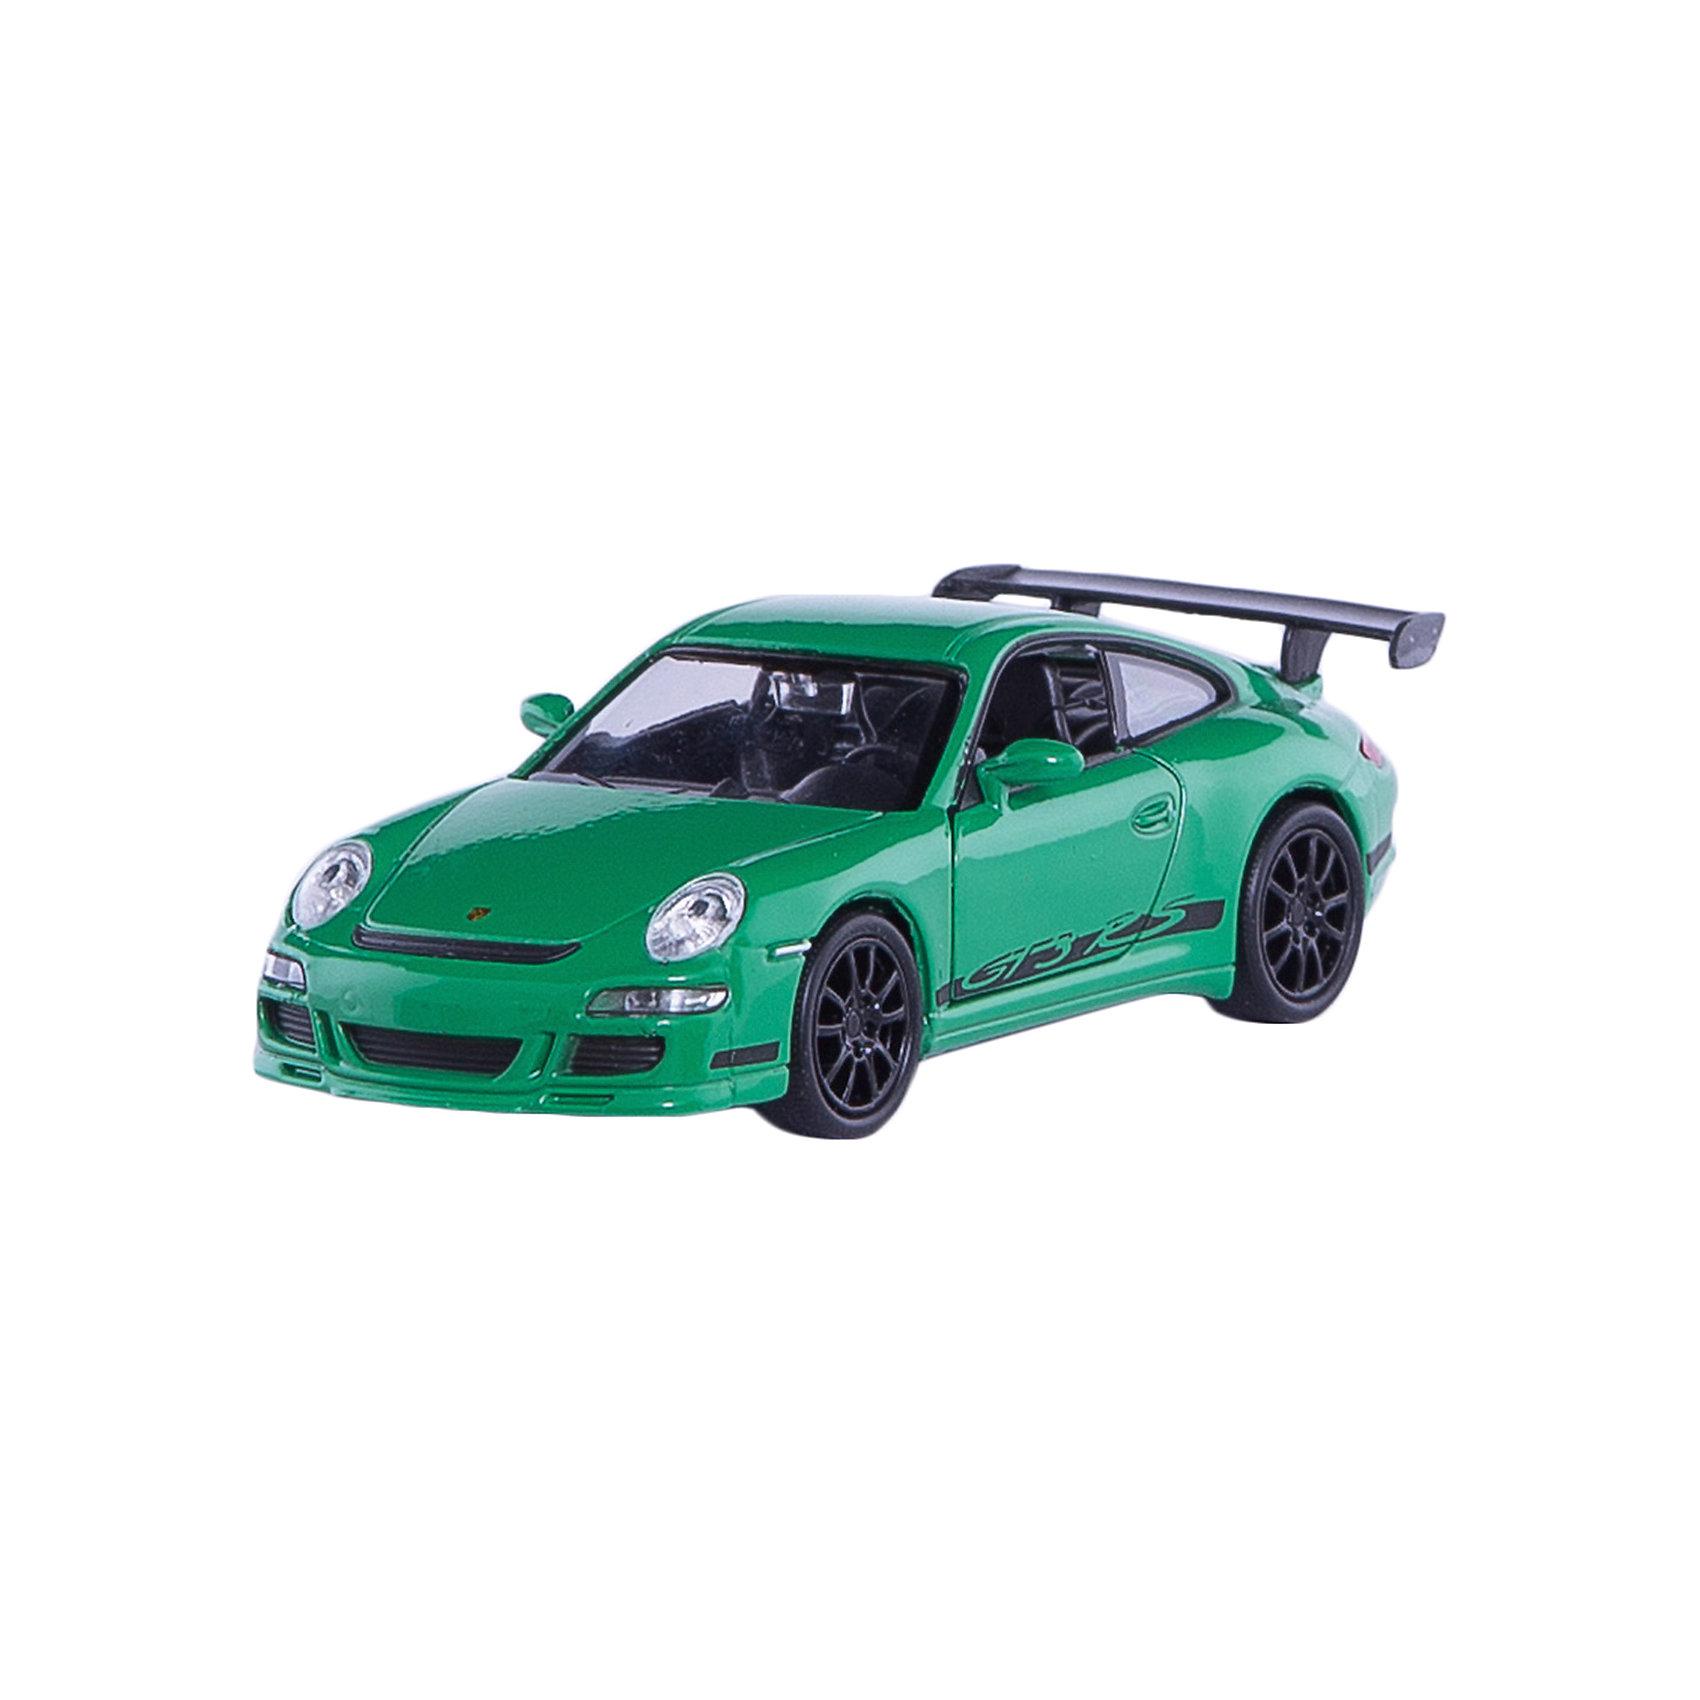 Модель машины 1:34-39 Porsche GT3 RS, WellyКоллекционные модели<br>Коллекционная модель масштаба 1:34 Porsche GT3 RS. Функции: открываются передние двери, инерционный механизм.<br>Цвет кузова автомобиля представлен в ассортименте. Выбрать определенный цвет заранее не представляется возможным.<br><br>Ширина мм: 60<br>Глубина мм: 110<br>Высота мм: 150<br>Вес г: 153<br>Возраст от месяцев: 36<br>Возраст до месяцев: 192<br>Пол: Мужской<br>Возраст: Детский<br>SKU: 4966520